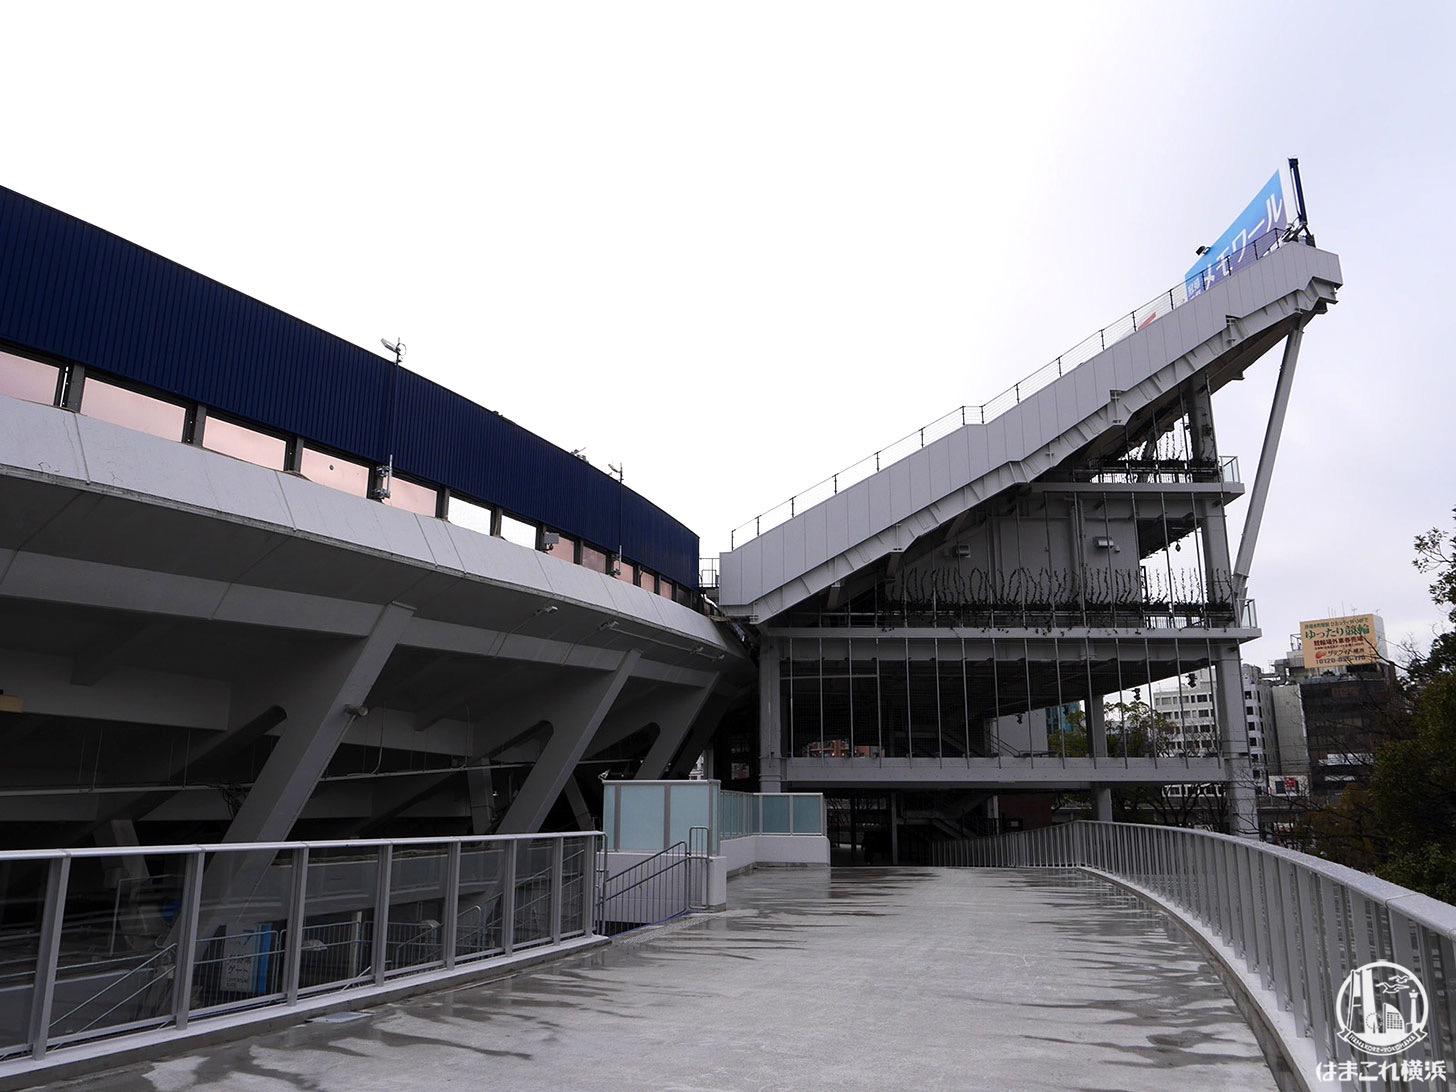 横浜スタジアム外周を1周できる「Yデッキ」から見たレフトウィング席